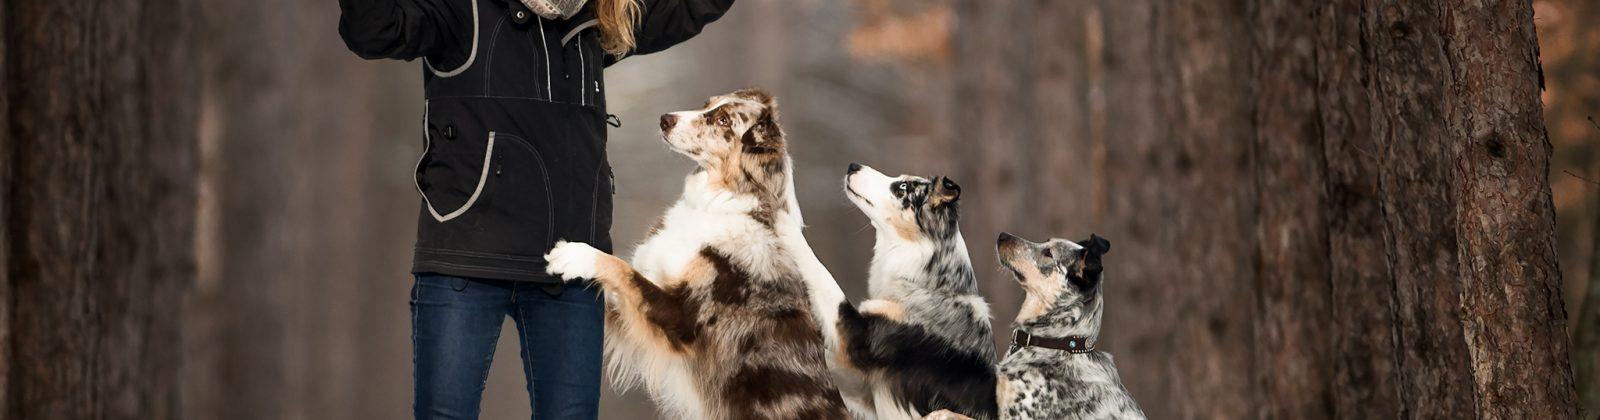 mental health dogs - santé mentale chiens